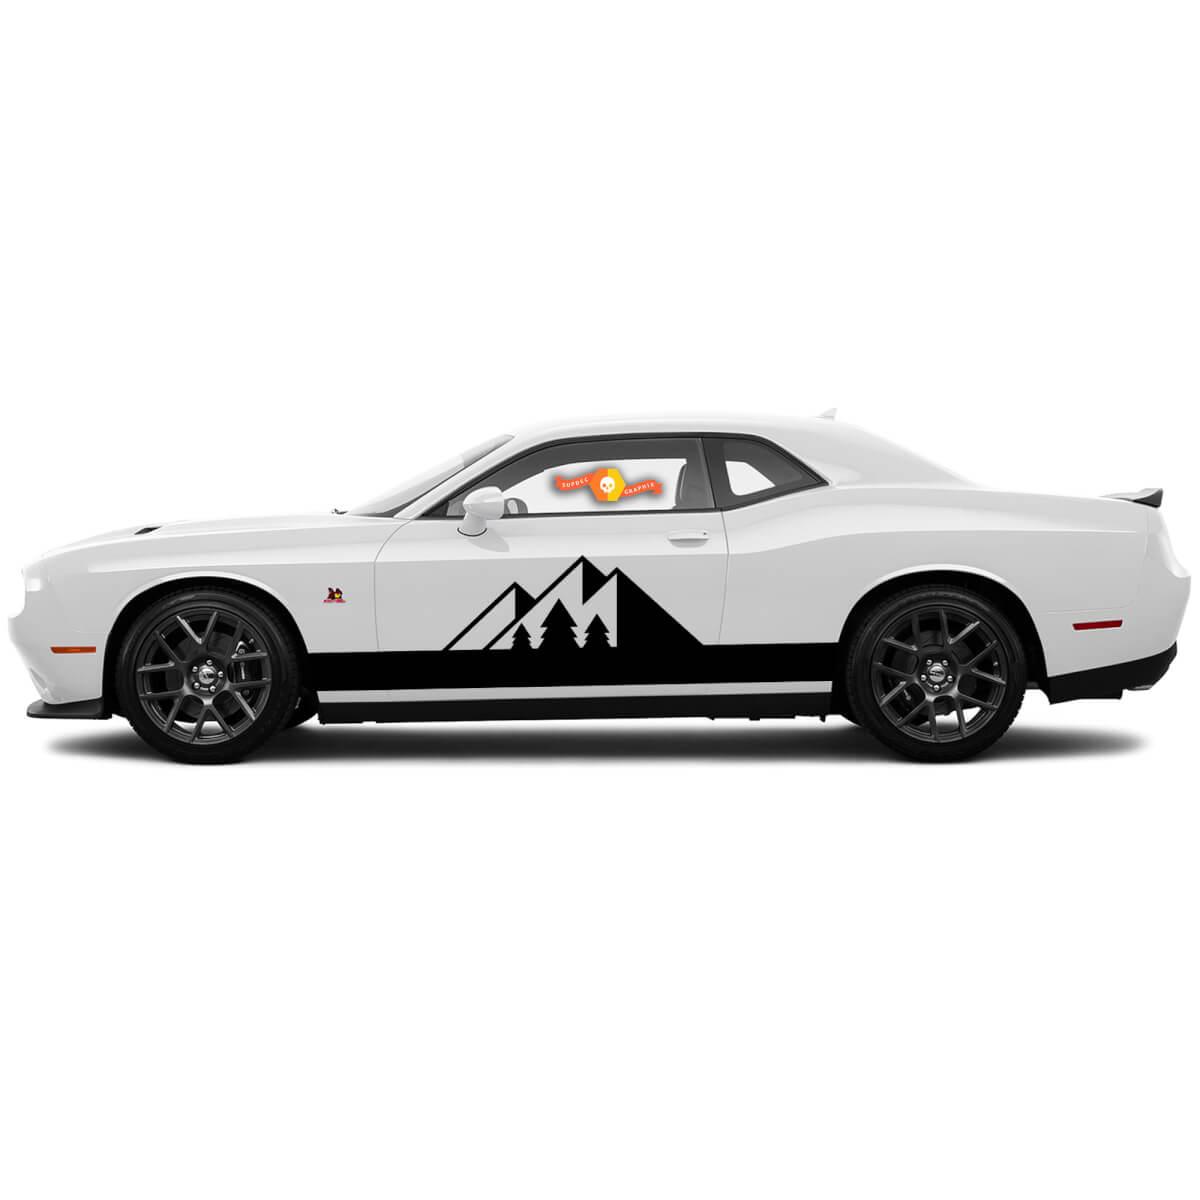 2 Seite Dodge Challenger Mountain Forest Rocker Panel Seite Vinyl Aufkleber Grafik Aufkleber